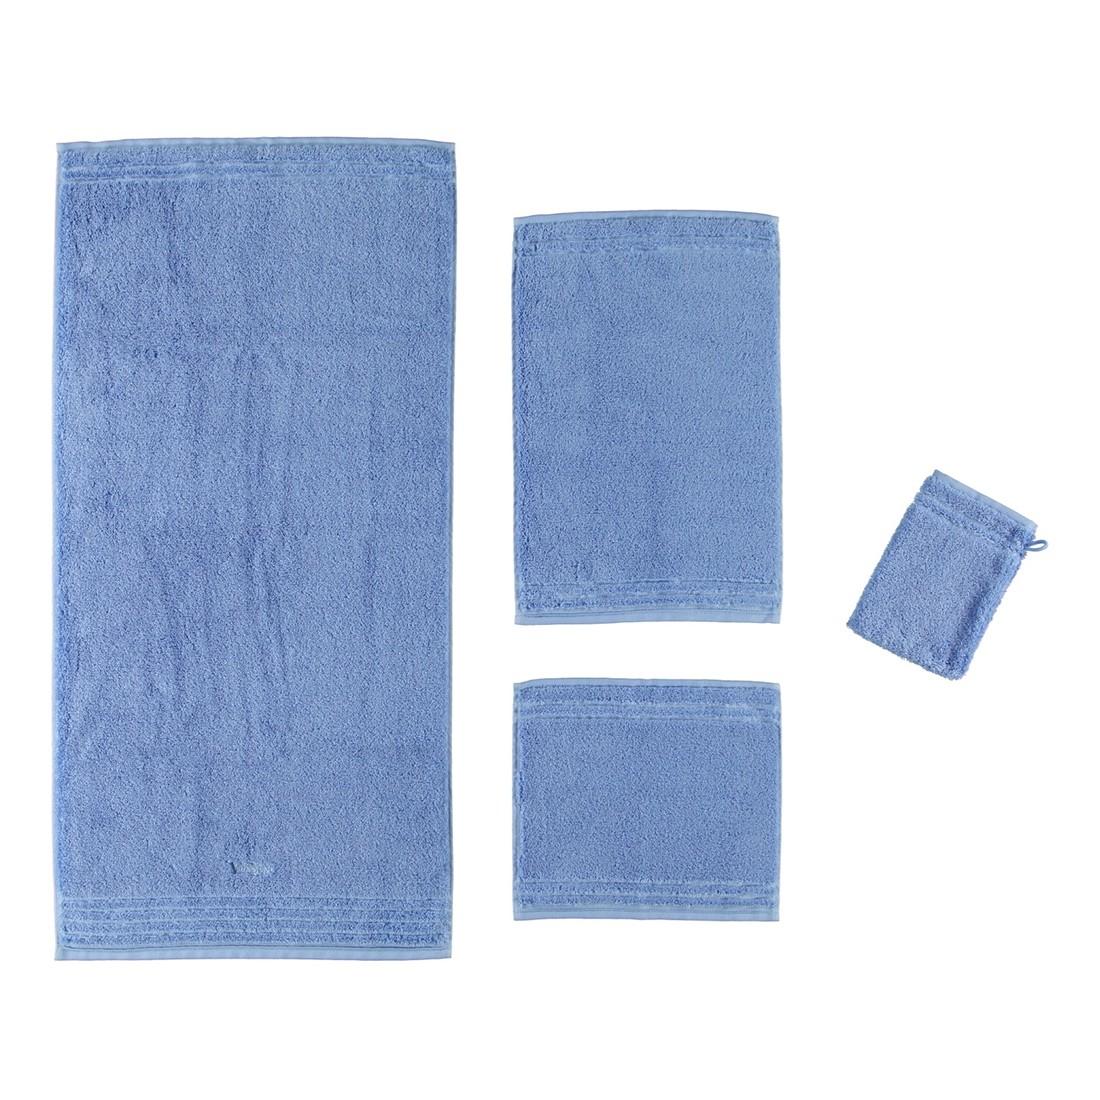 Handtuch Vienna Style Supersoft – 100% Baumwolle steelblue – 441 – Seiflappen: 30 x 30 cm, Vossen online bestellen